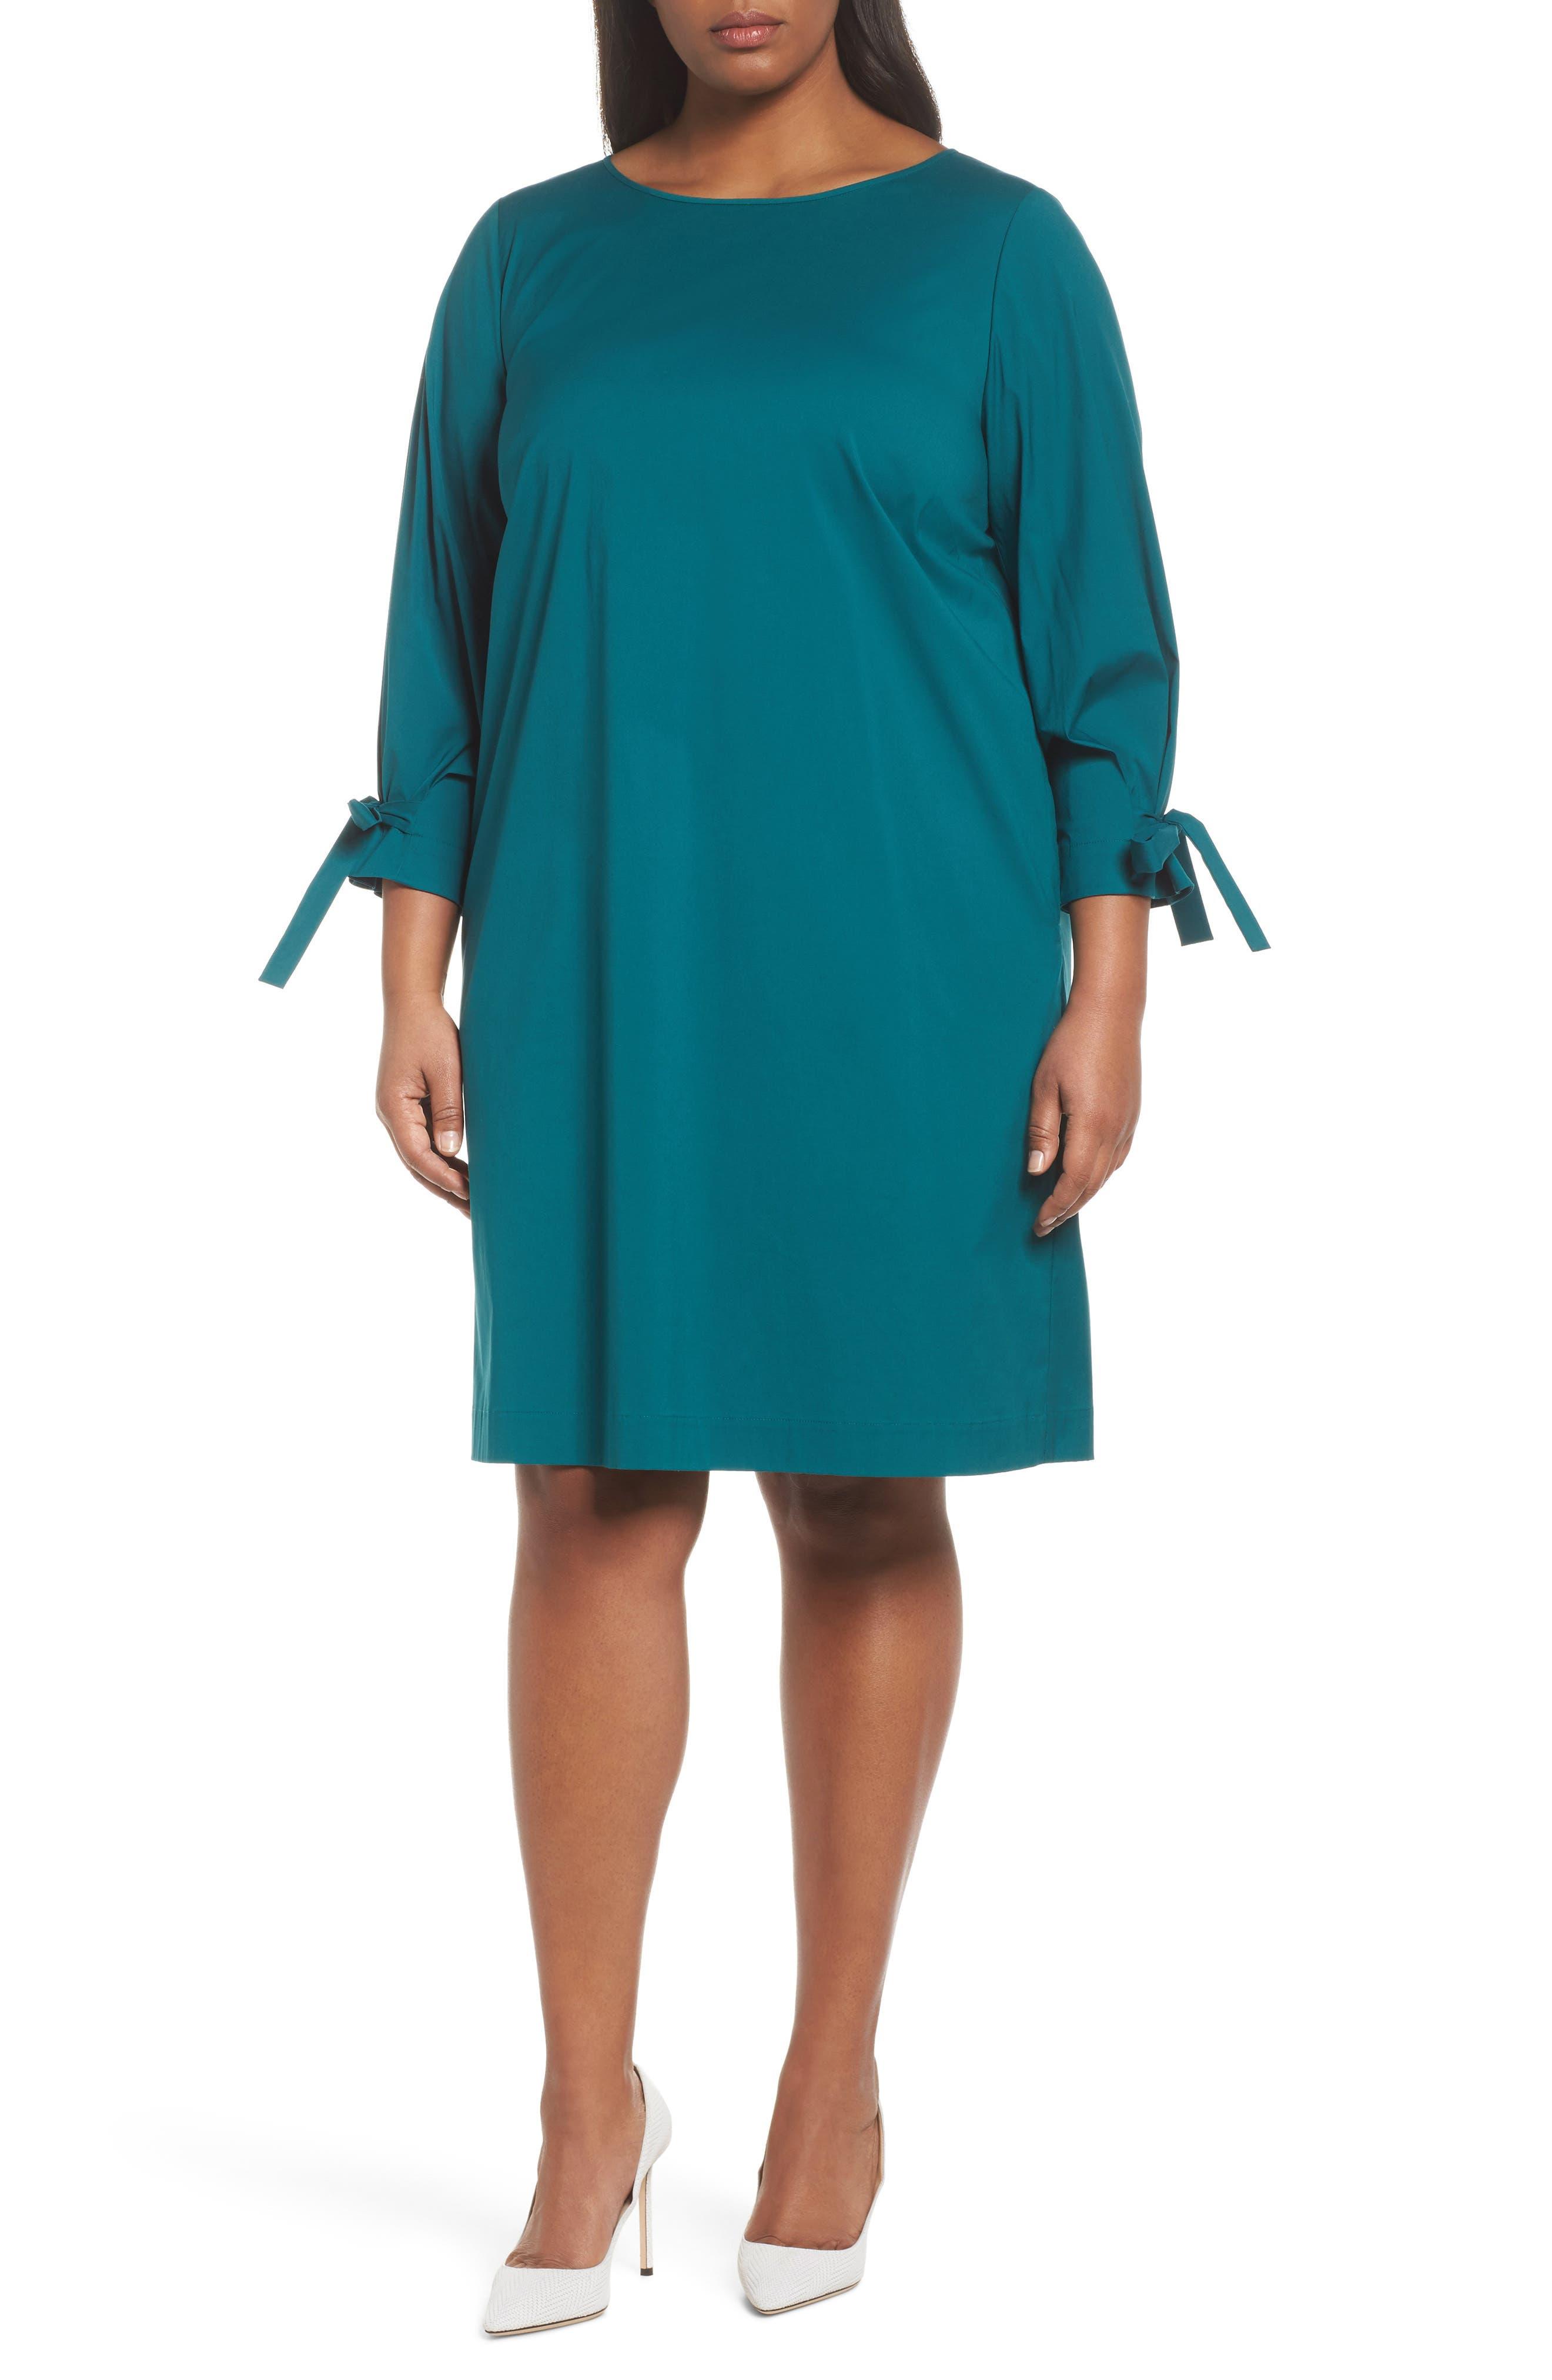 Main Image - Lafayette 148 New York Paige Shift Dress (Plus Size)